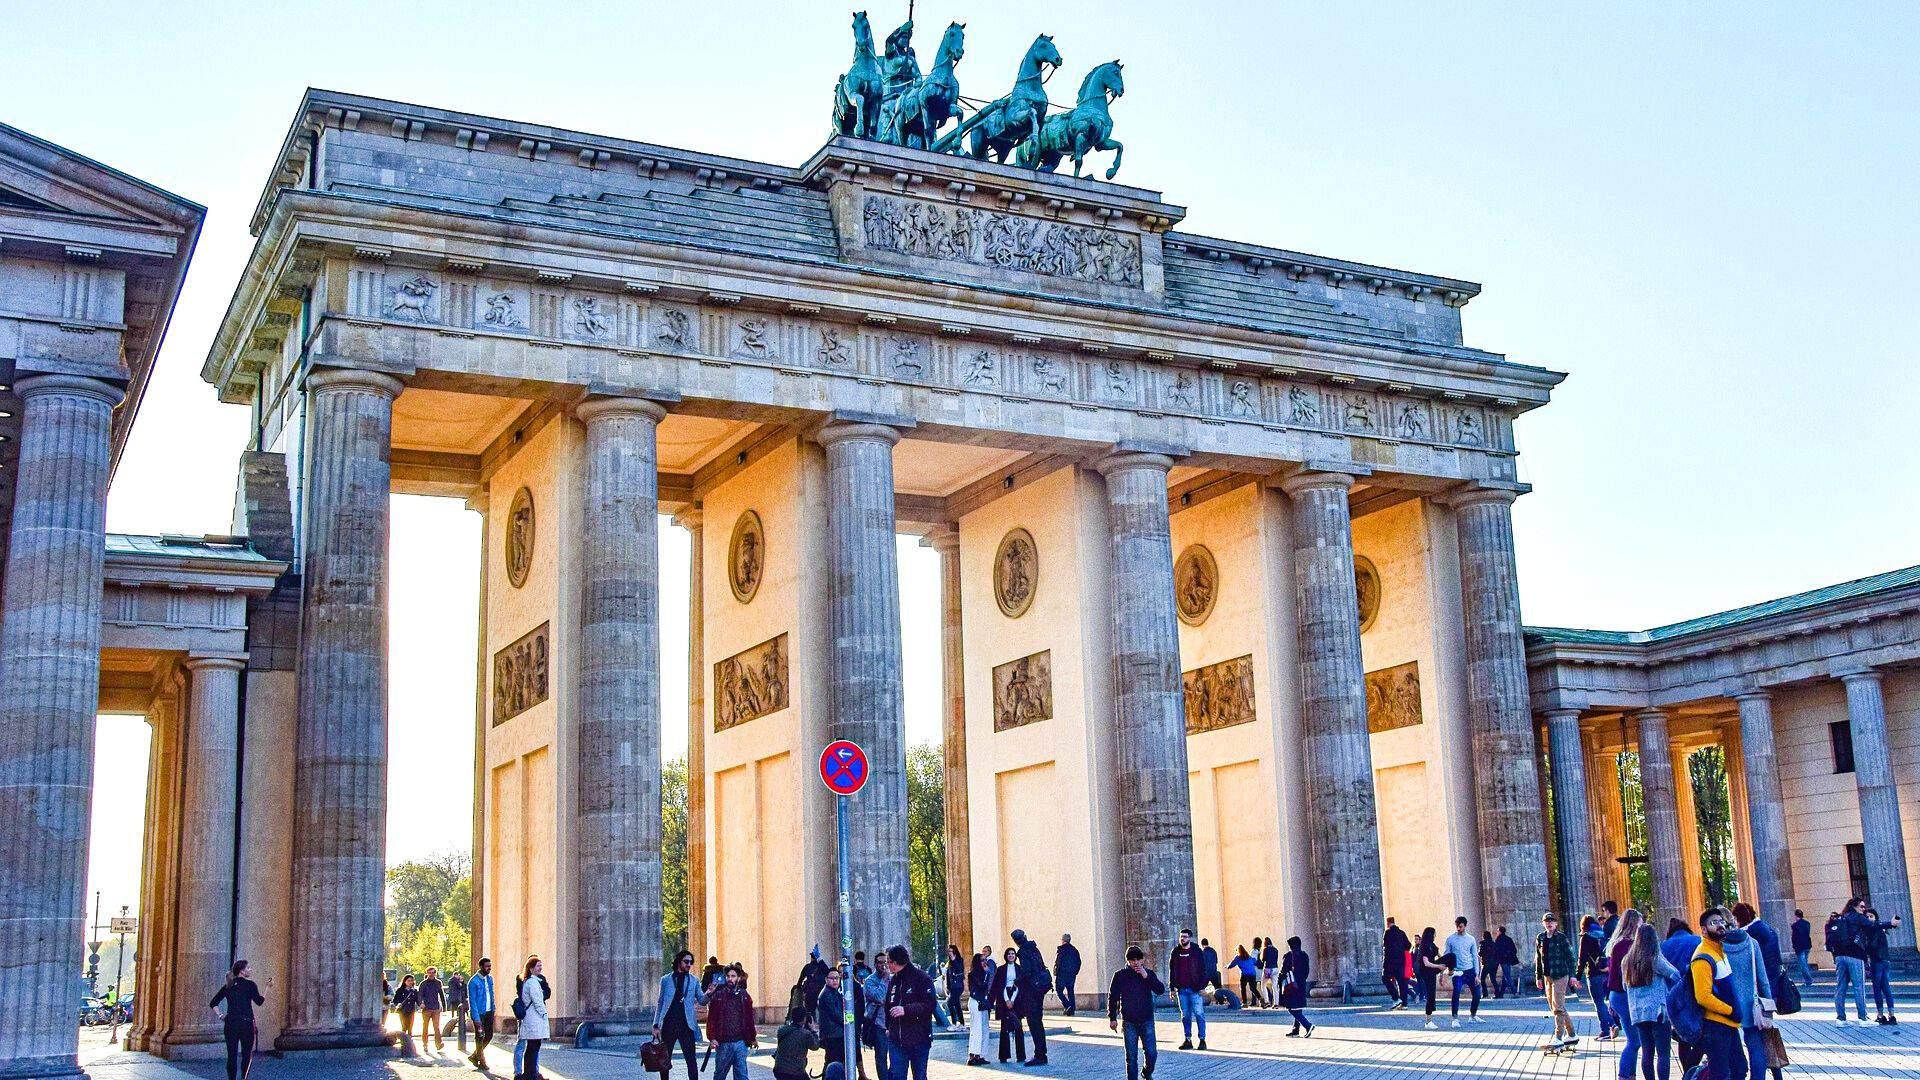 Brandenburgo vartai – istorinis Berlyno simbolis